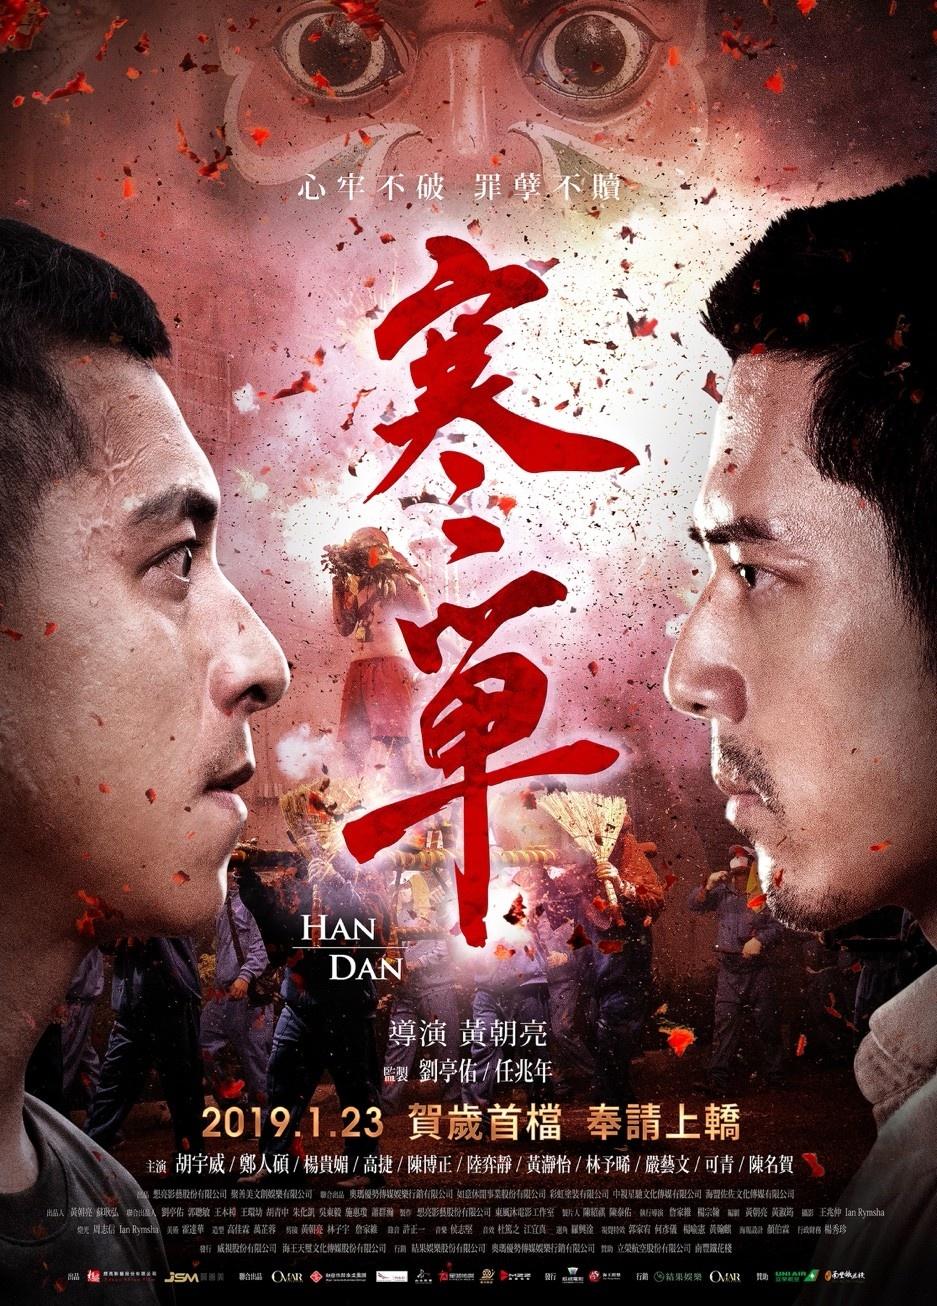 《寒单》北影节展映 胡宇威郑人硕上演人性善恶